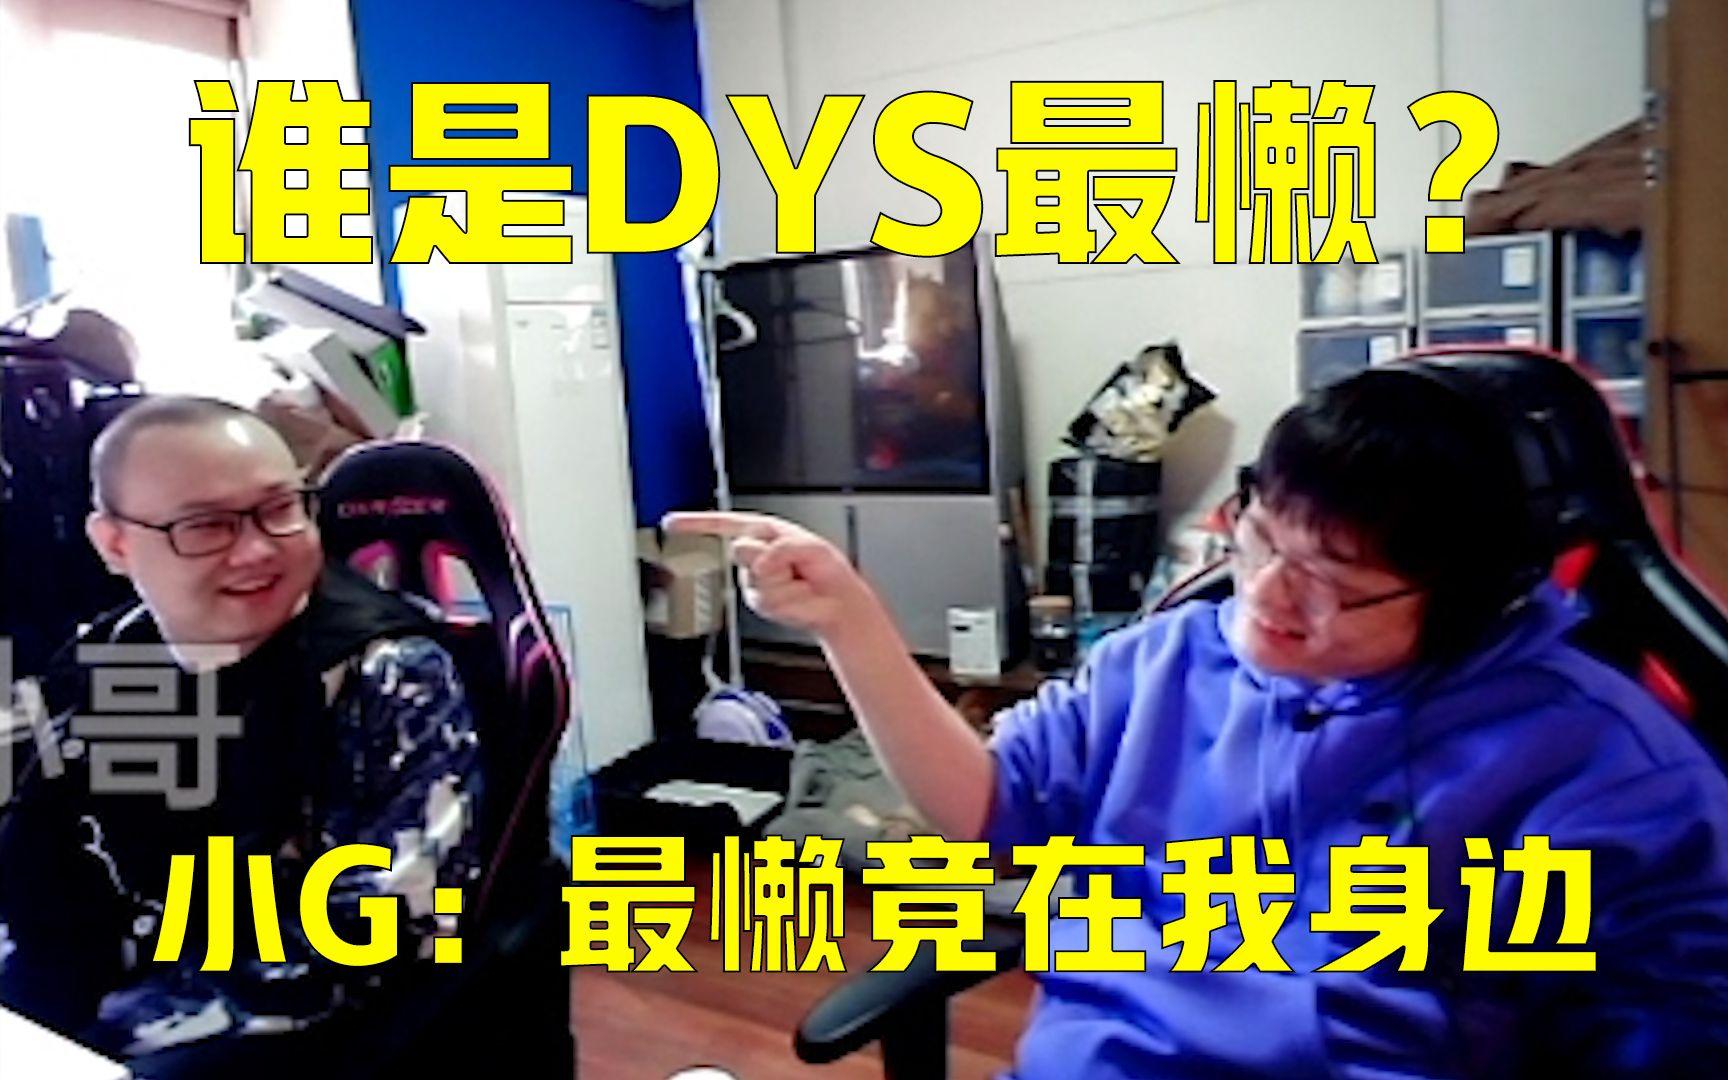 【德云色】谁是DYS最懒?小G:我觉得二台不及一台一般勤快